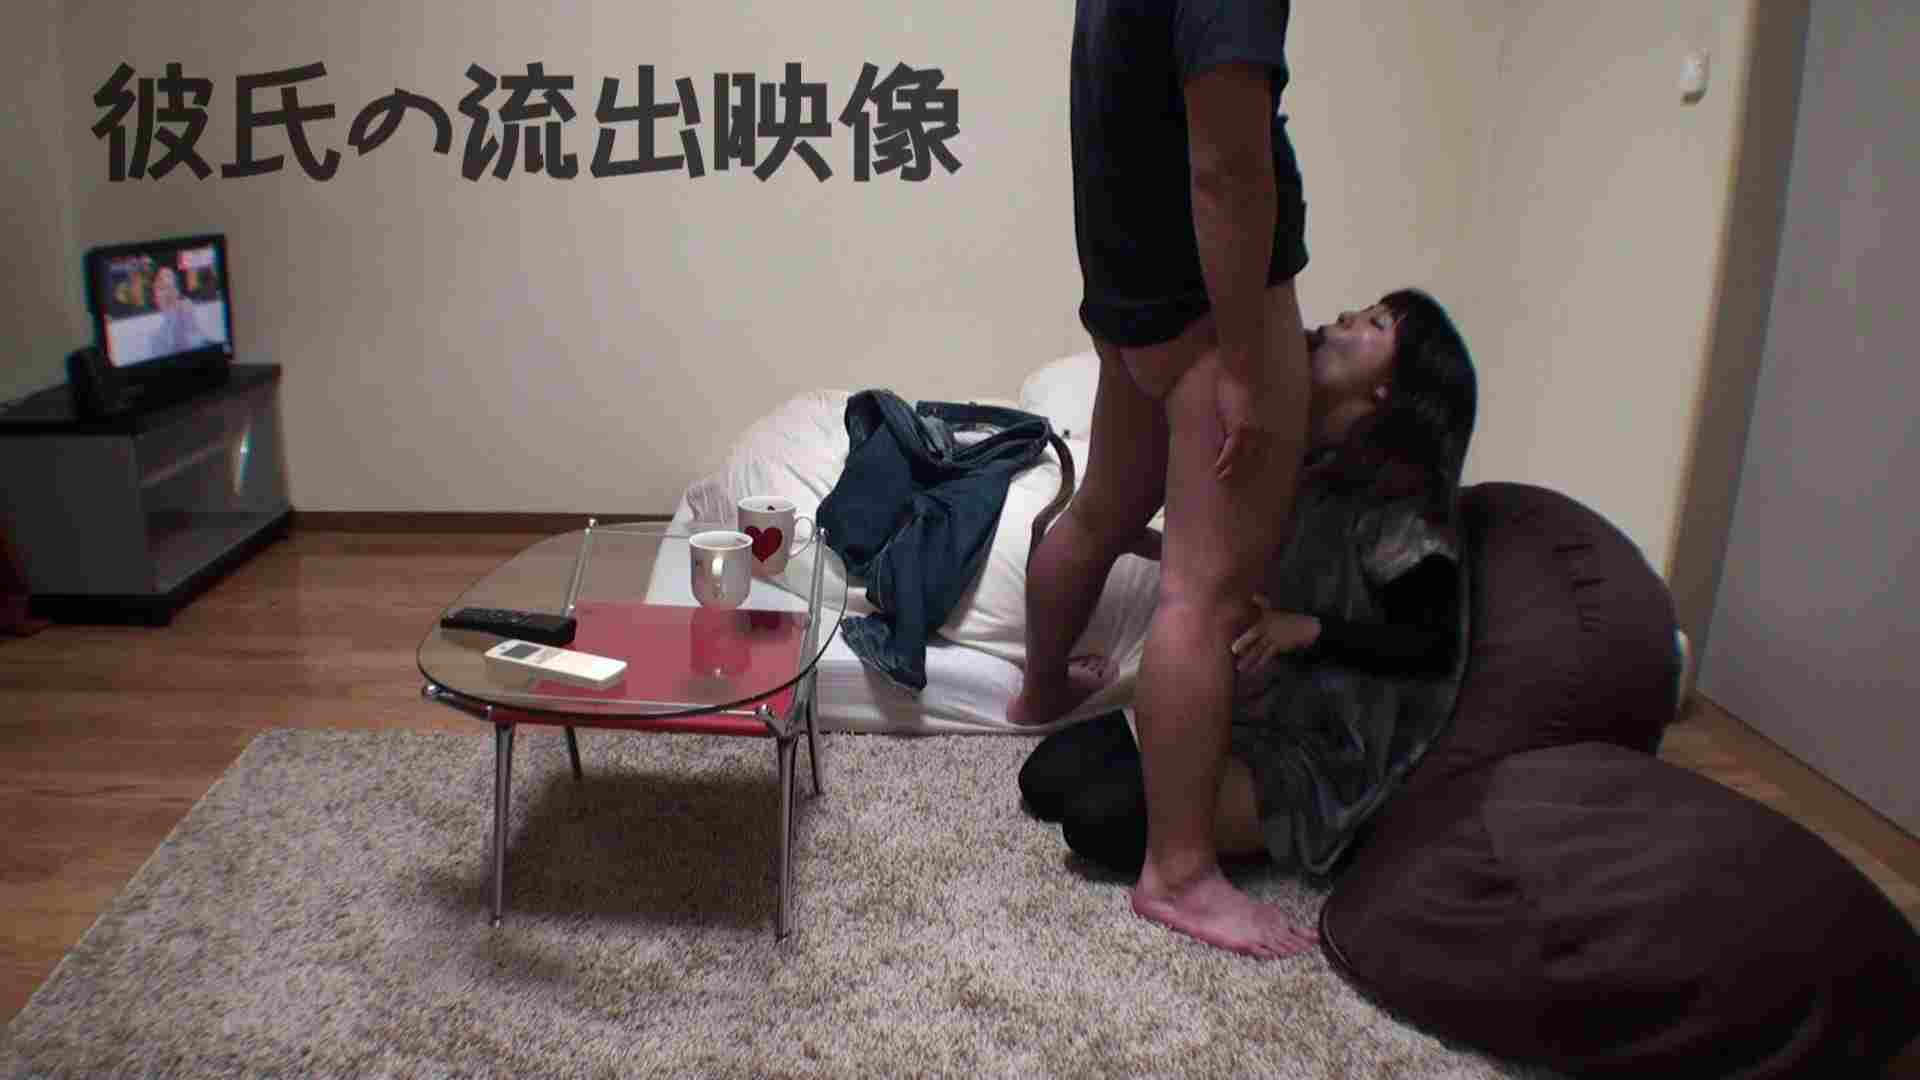 彼氏が流出 パイパン素人嬢のハメ撮り映像02 カップル すけべAV動画紹介 95枚 21